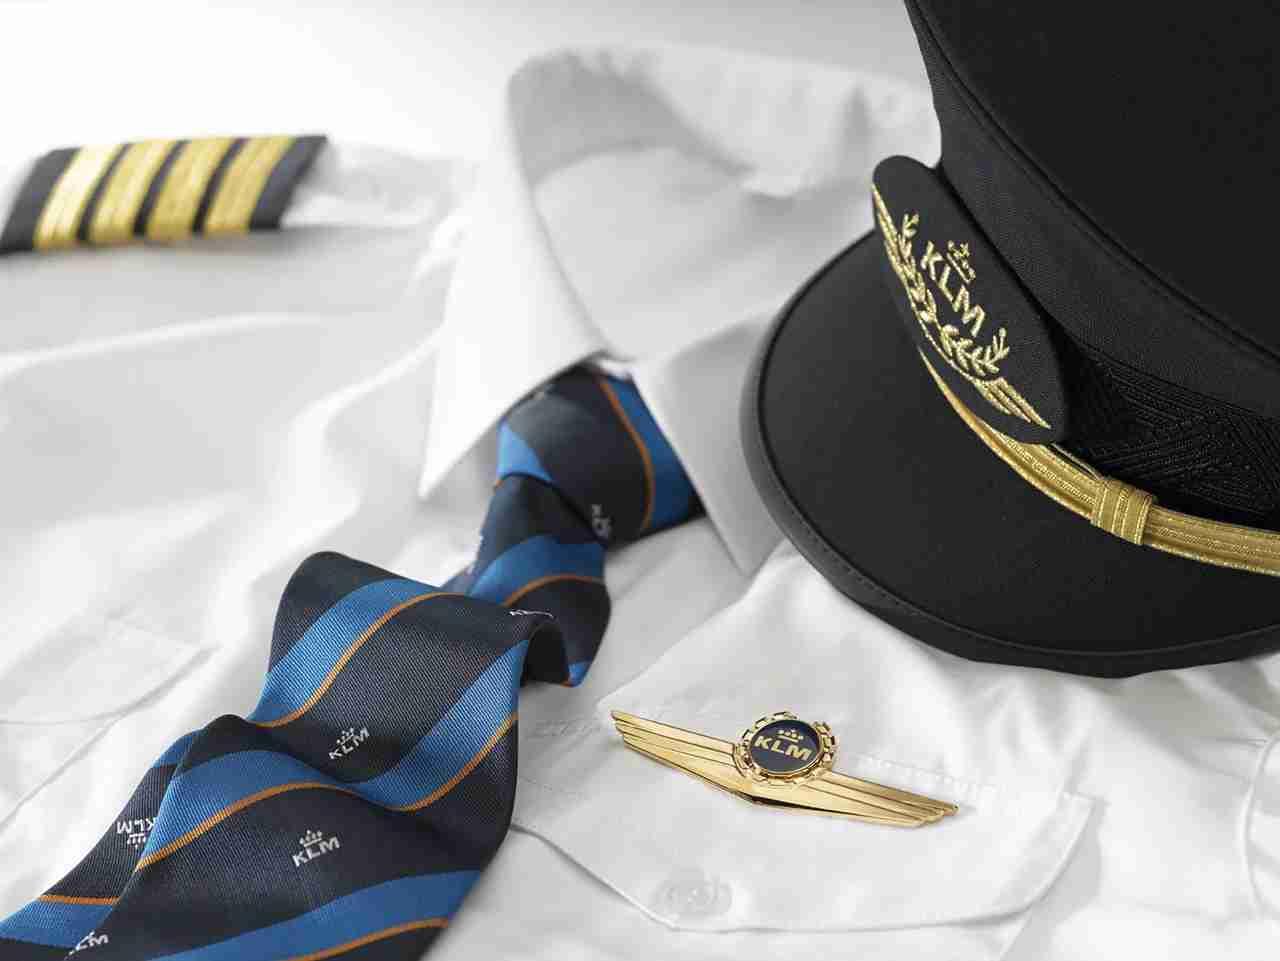 klm, uniform